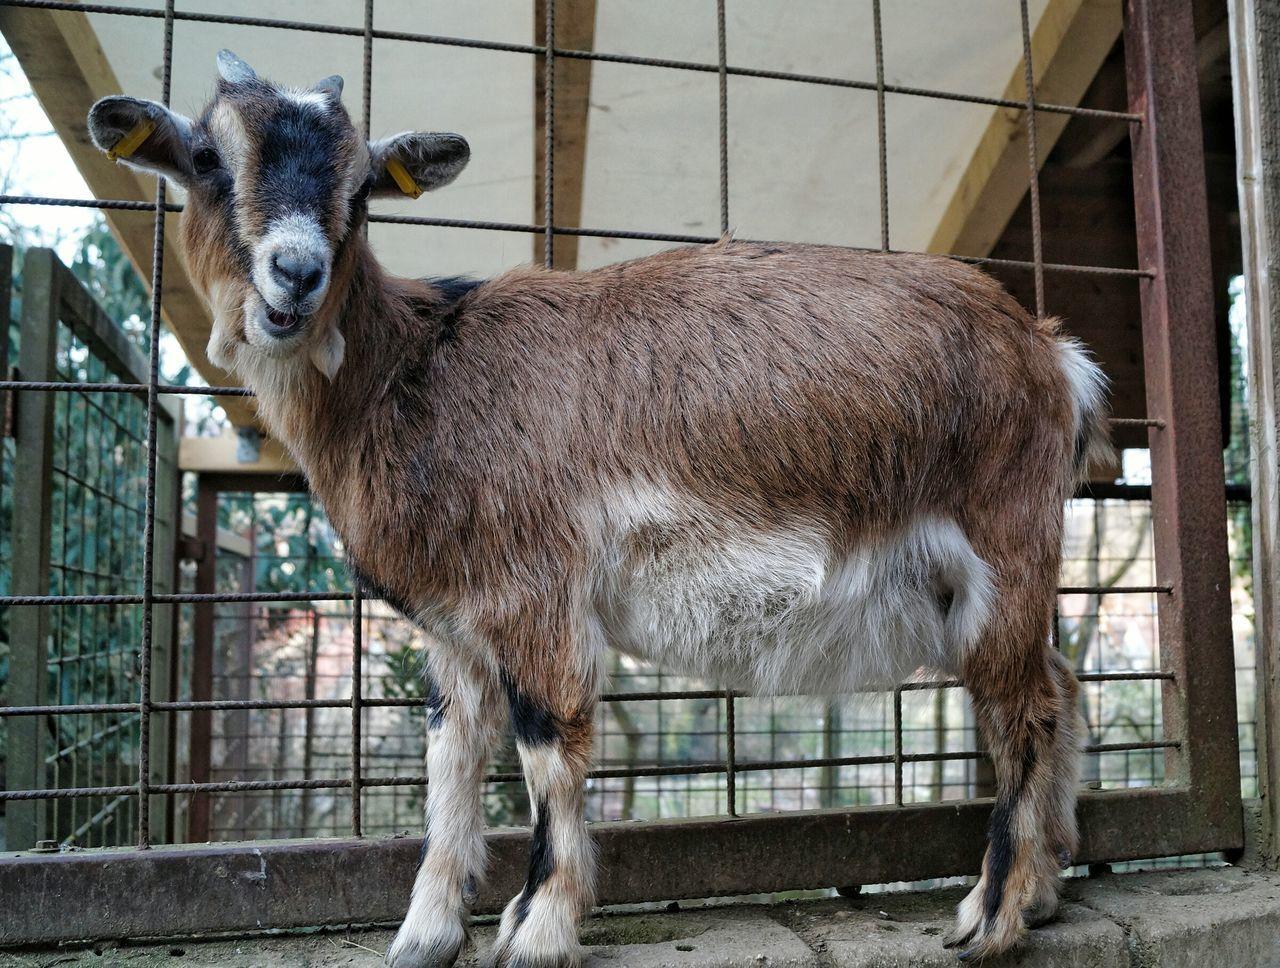 One Animal Animal Themes No People Day Outdoors Draußen Nature Vogelpark Vogel Weingarten Sony Alpha Px58 Goat Ziege